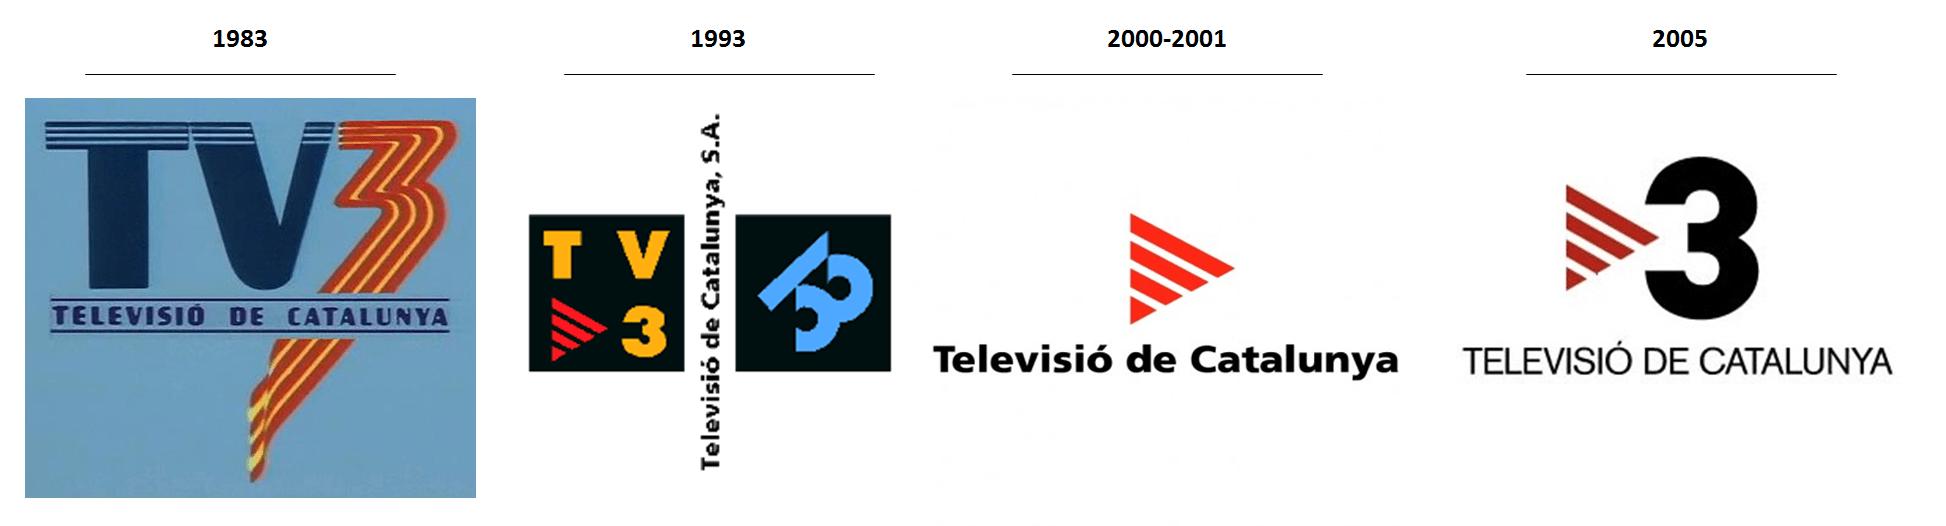 identidadtvc